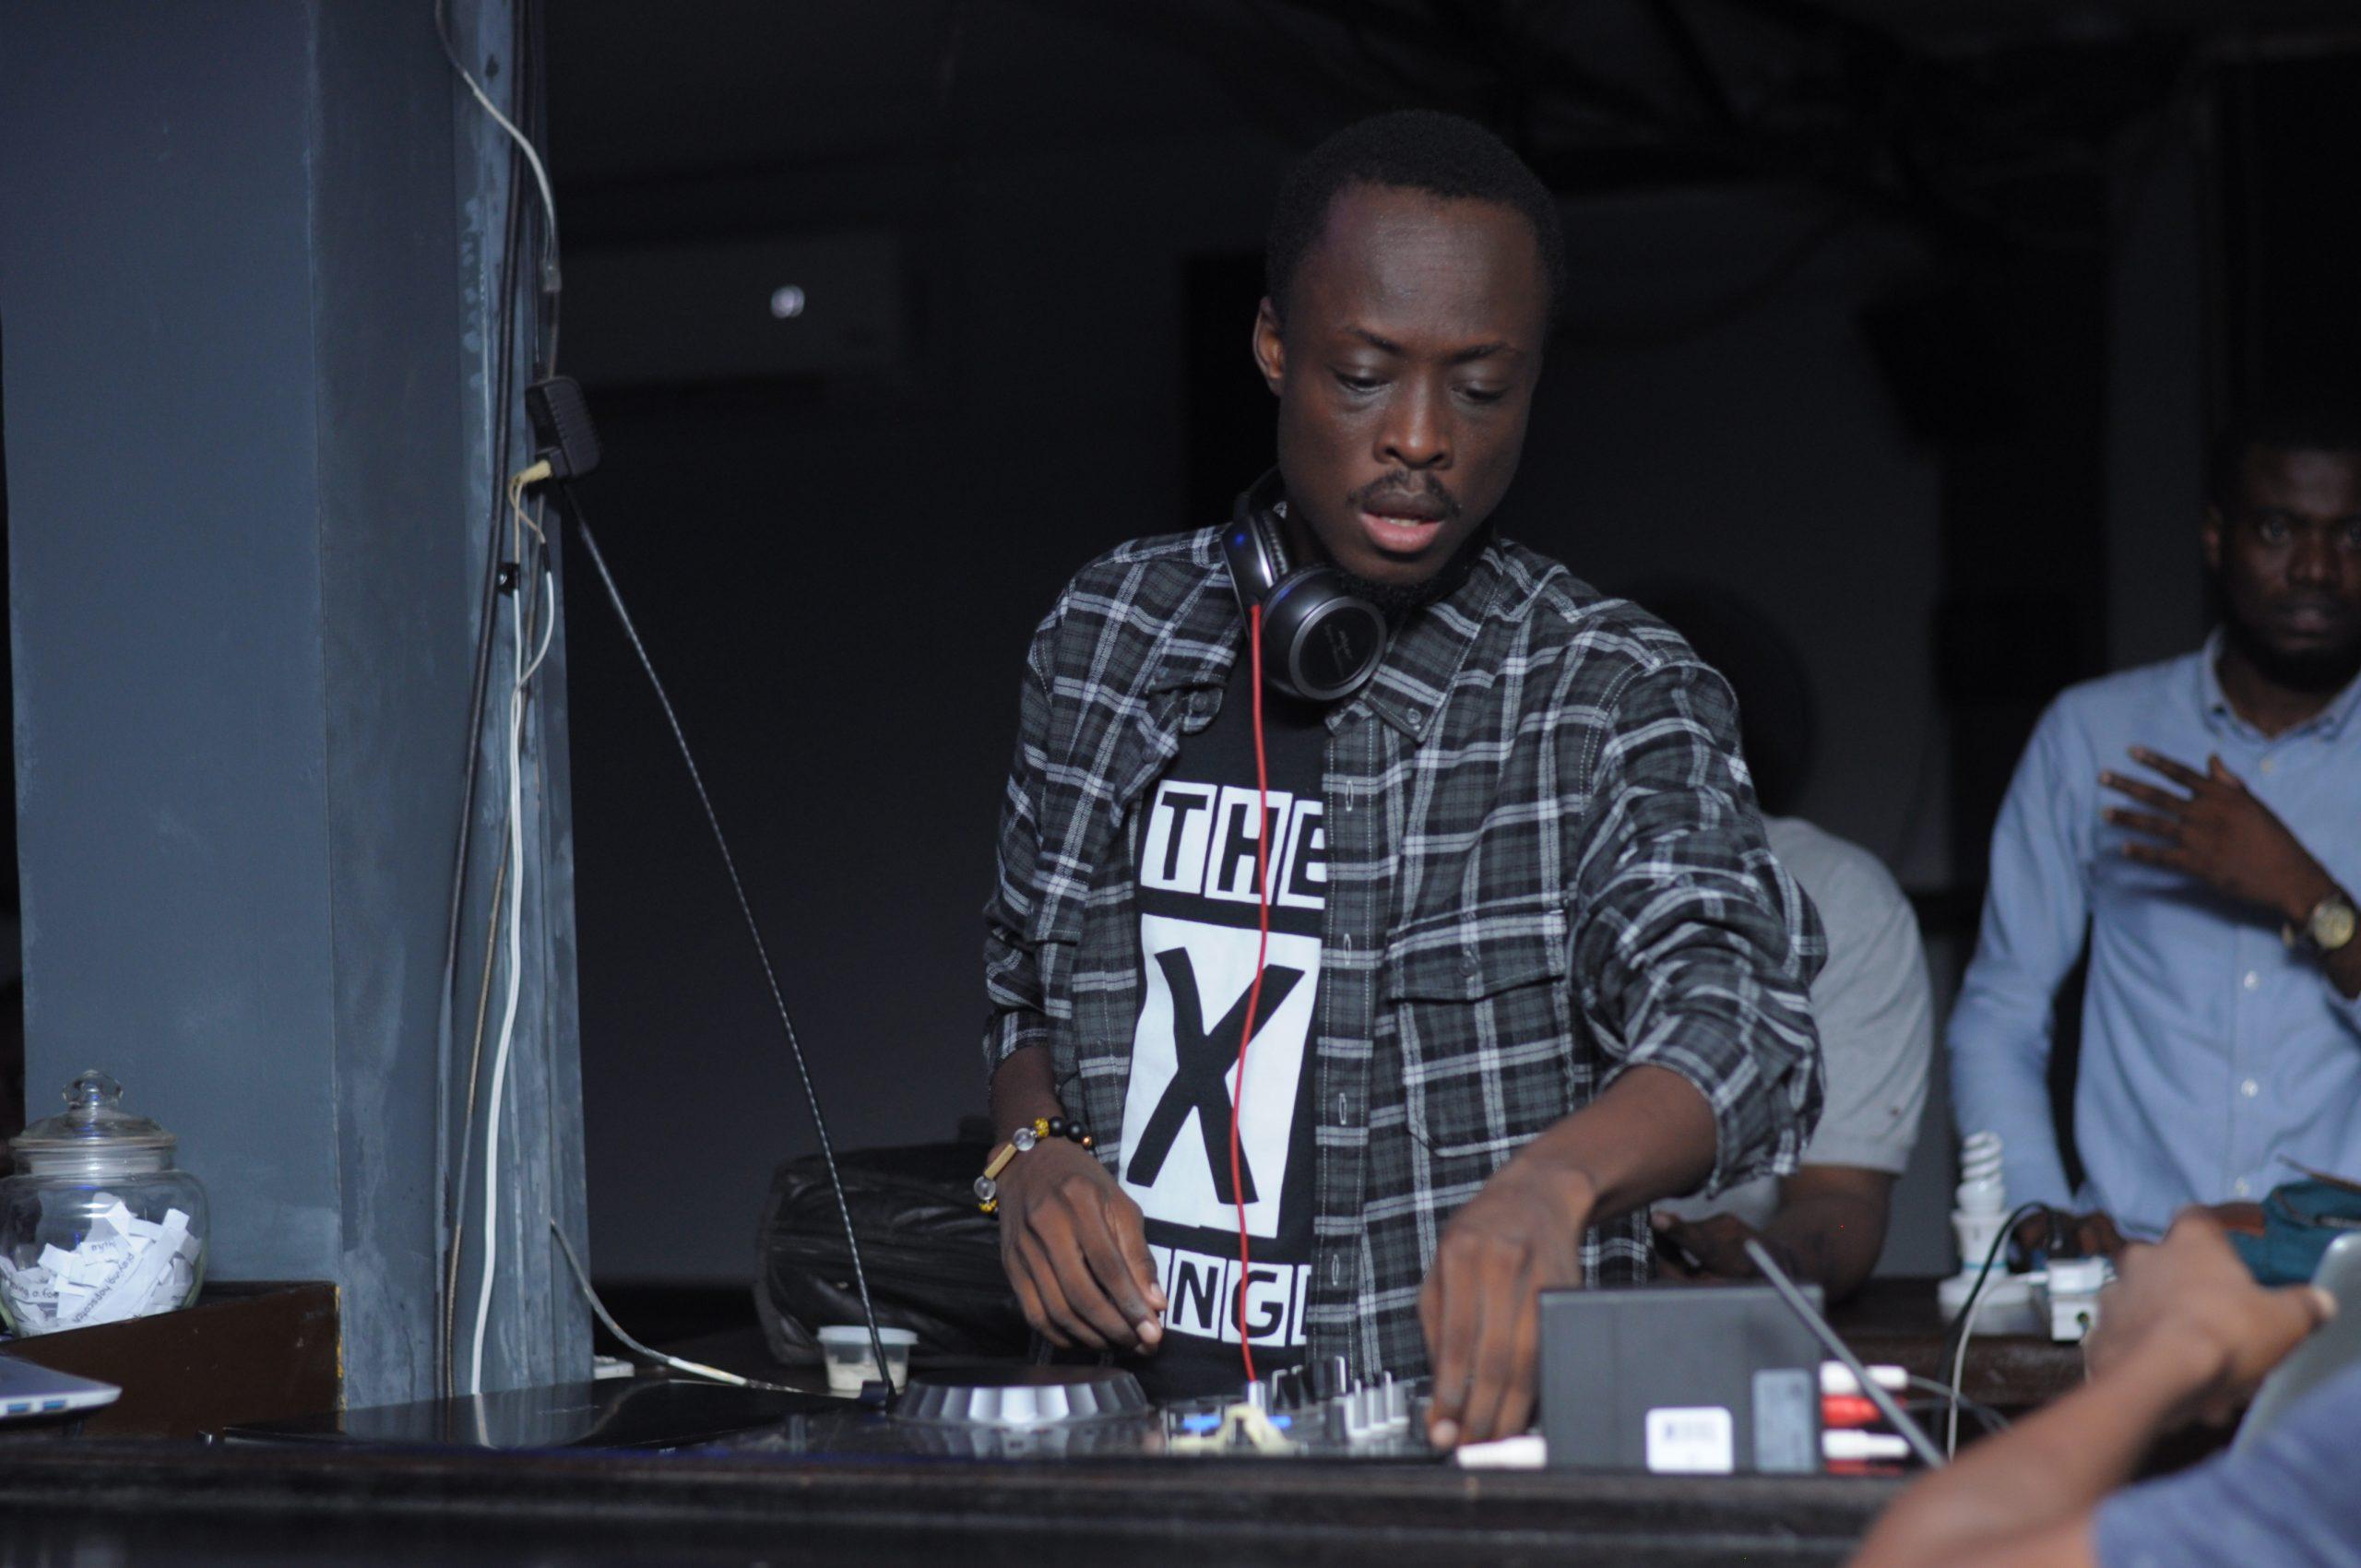 DJ Spotlight: DJ K3V (Ghana)